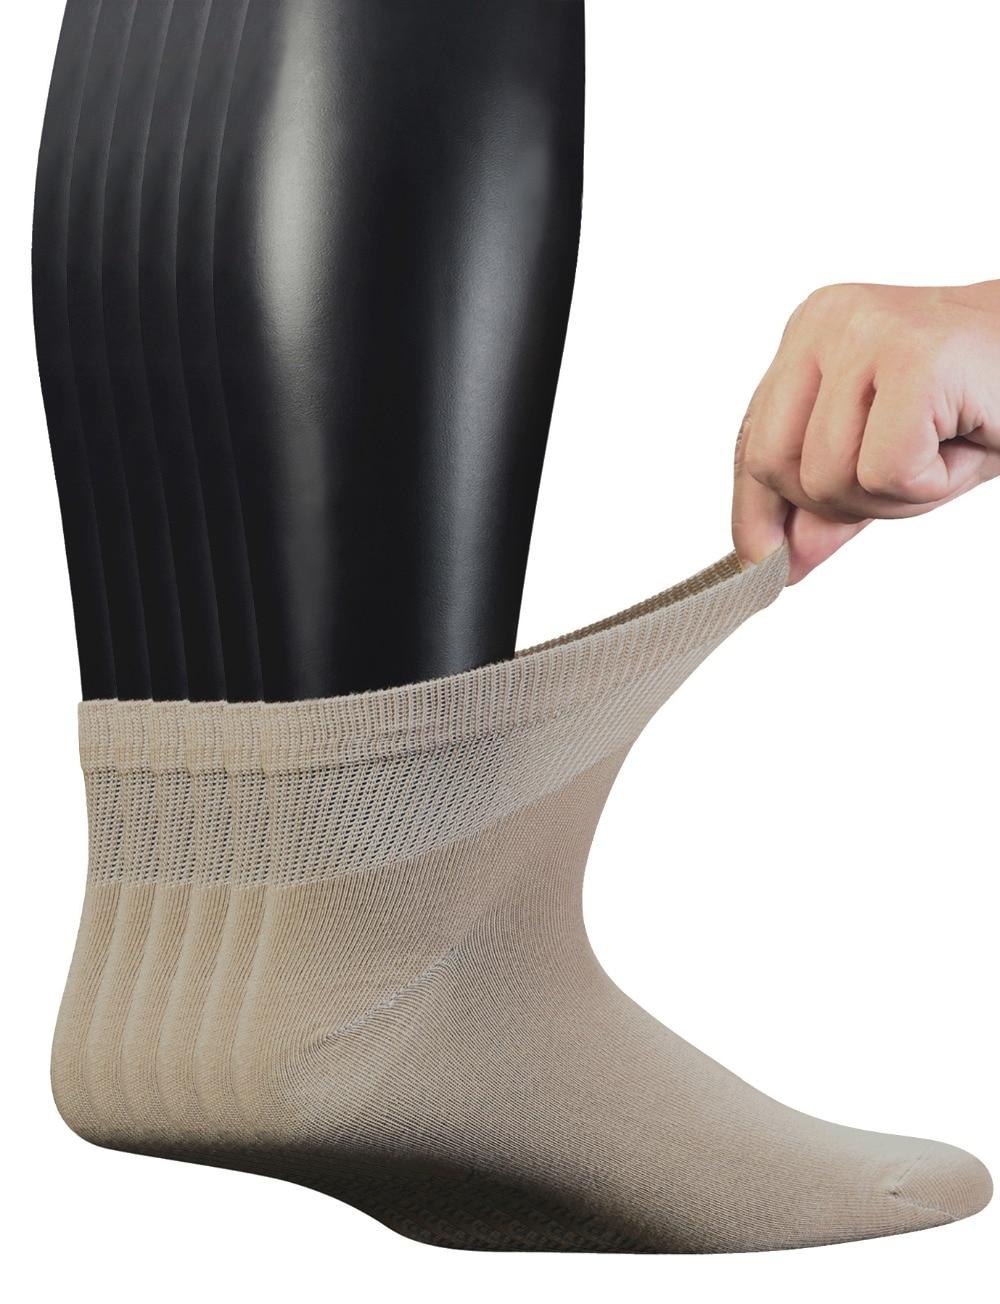 جوارب كاحل من القطن الممشط للرجال ، مع إصبع قدم غير ملحوم ، مقاس 10-13 ، 6 أزواج